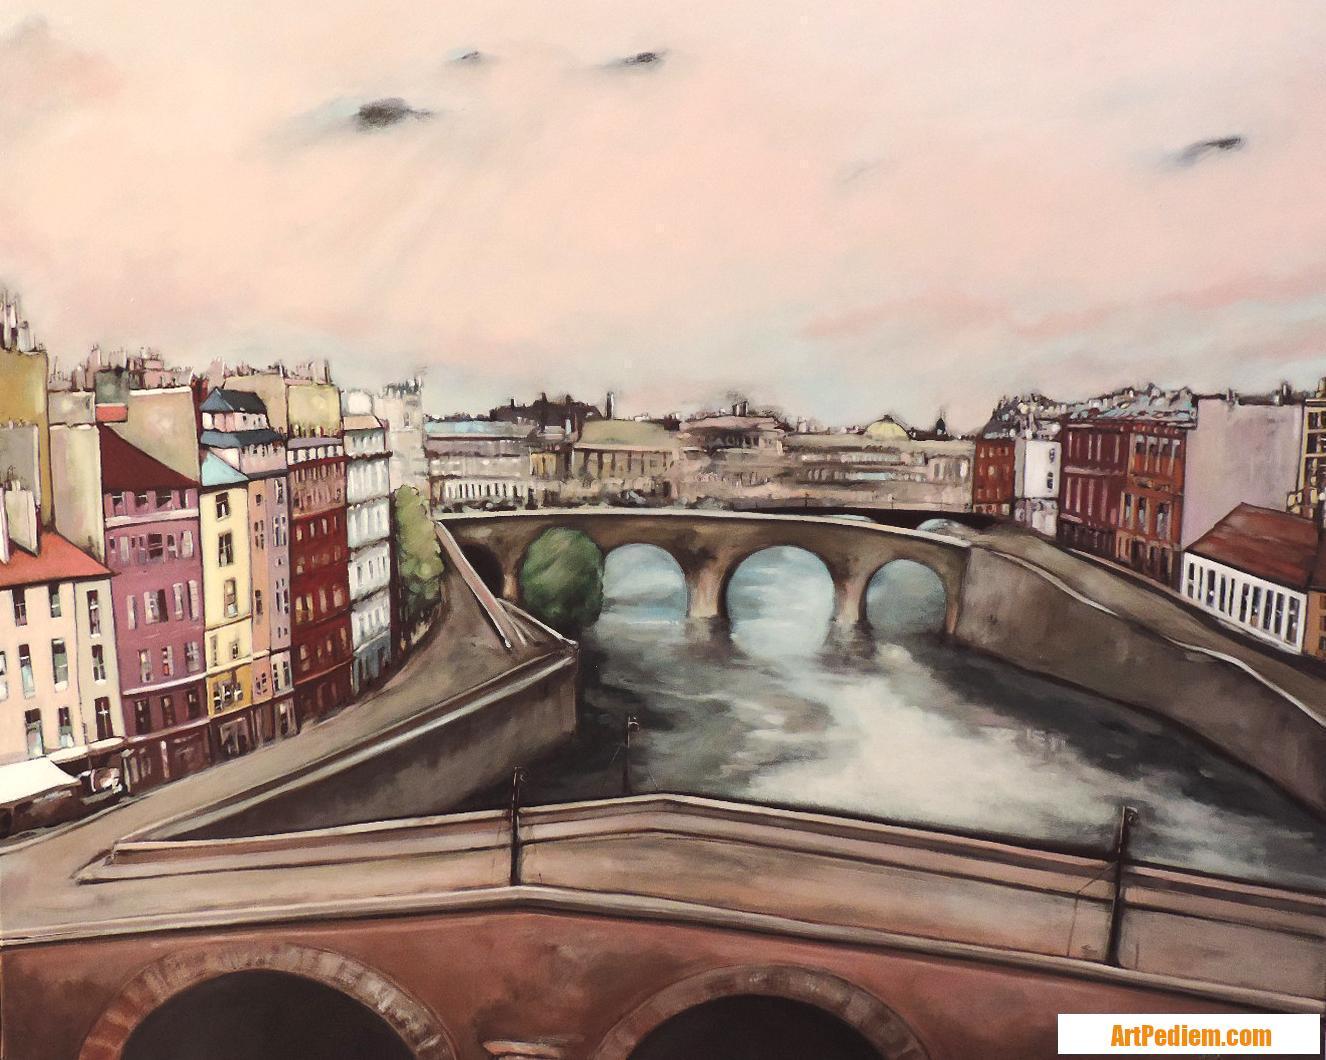 Oeuvre Les ponts du vieux Paris de l'Artiste Hugues Renck